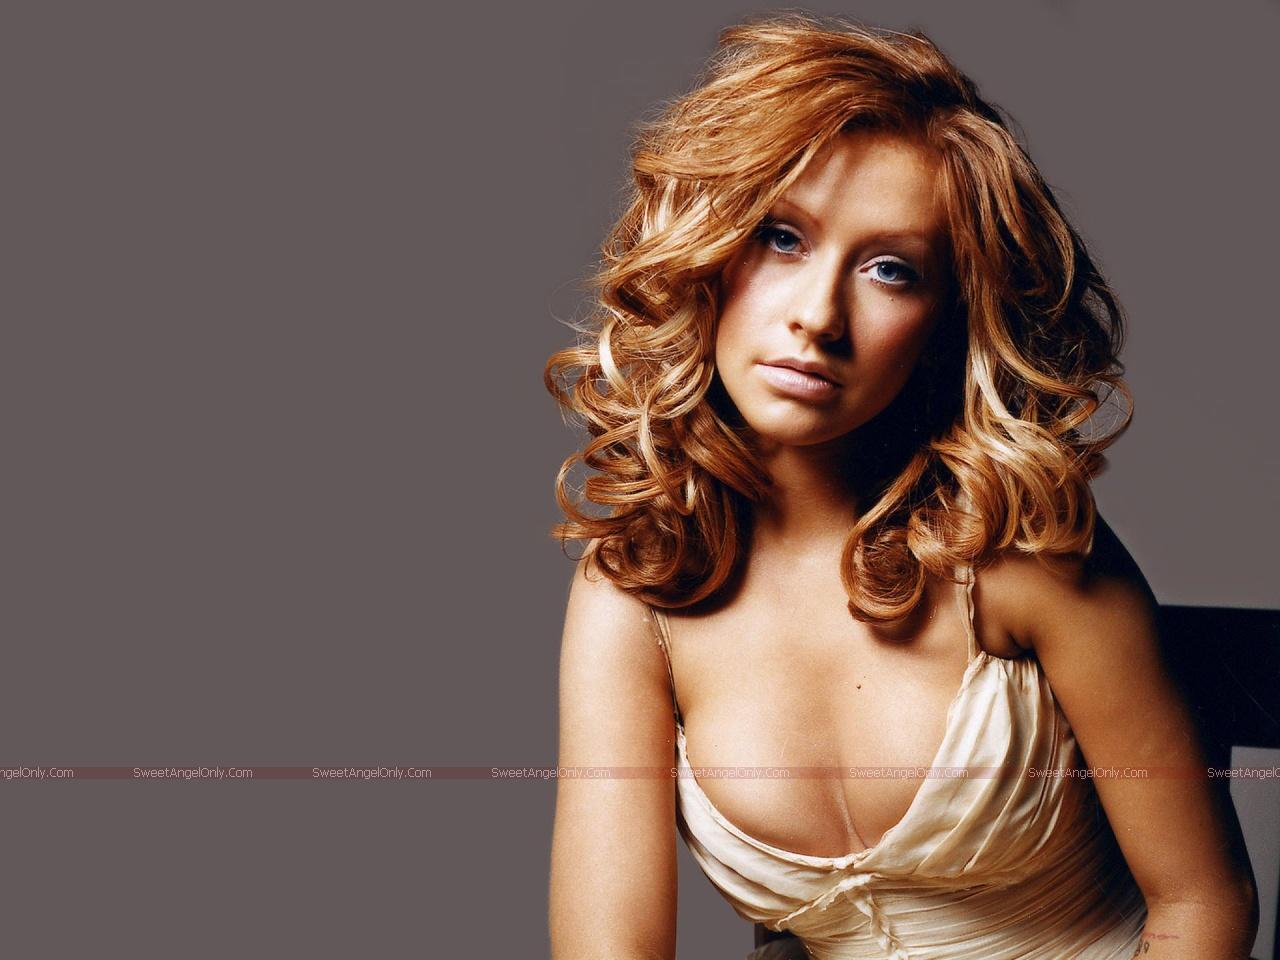 Christina Aguilera Fat 2011